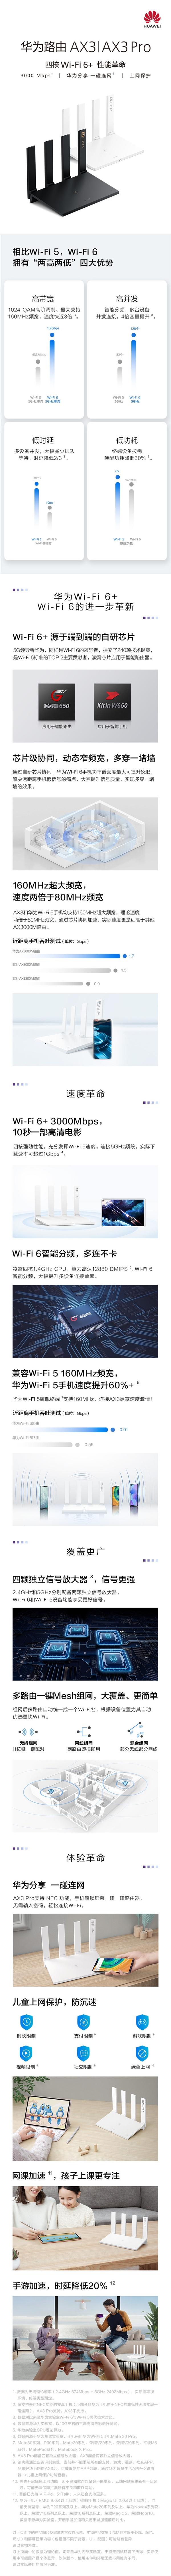 华为推出首款Wi-Fi 6+智能路由器:碰一碰就能快速连接